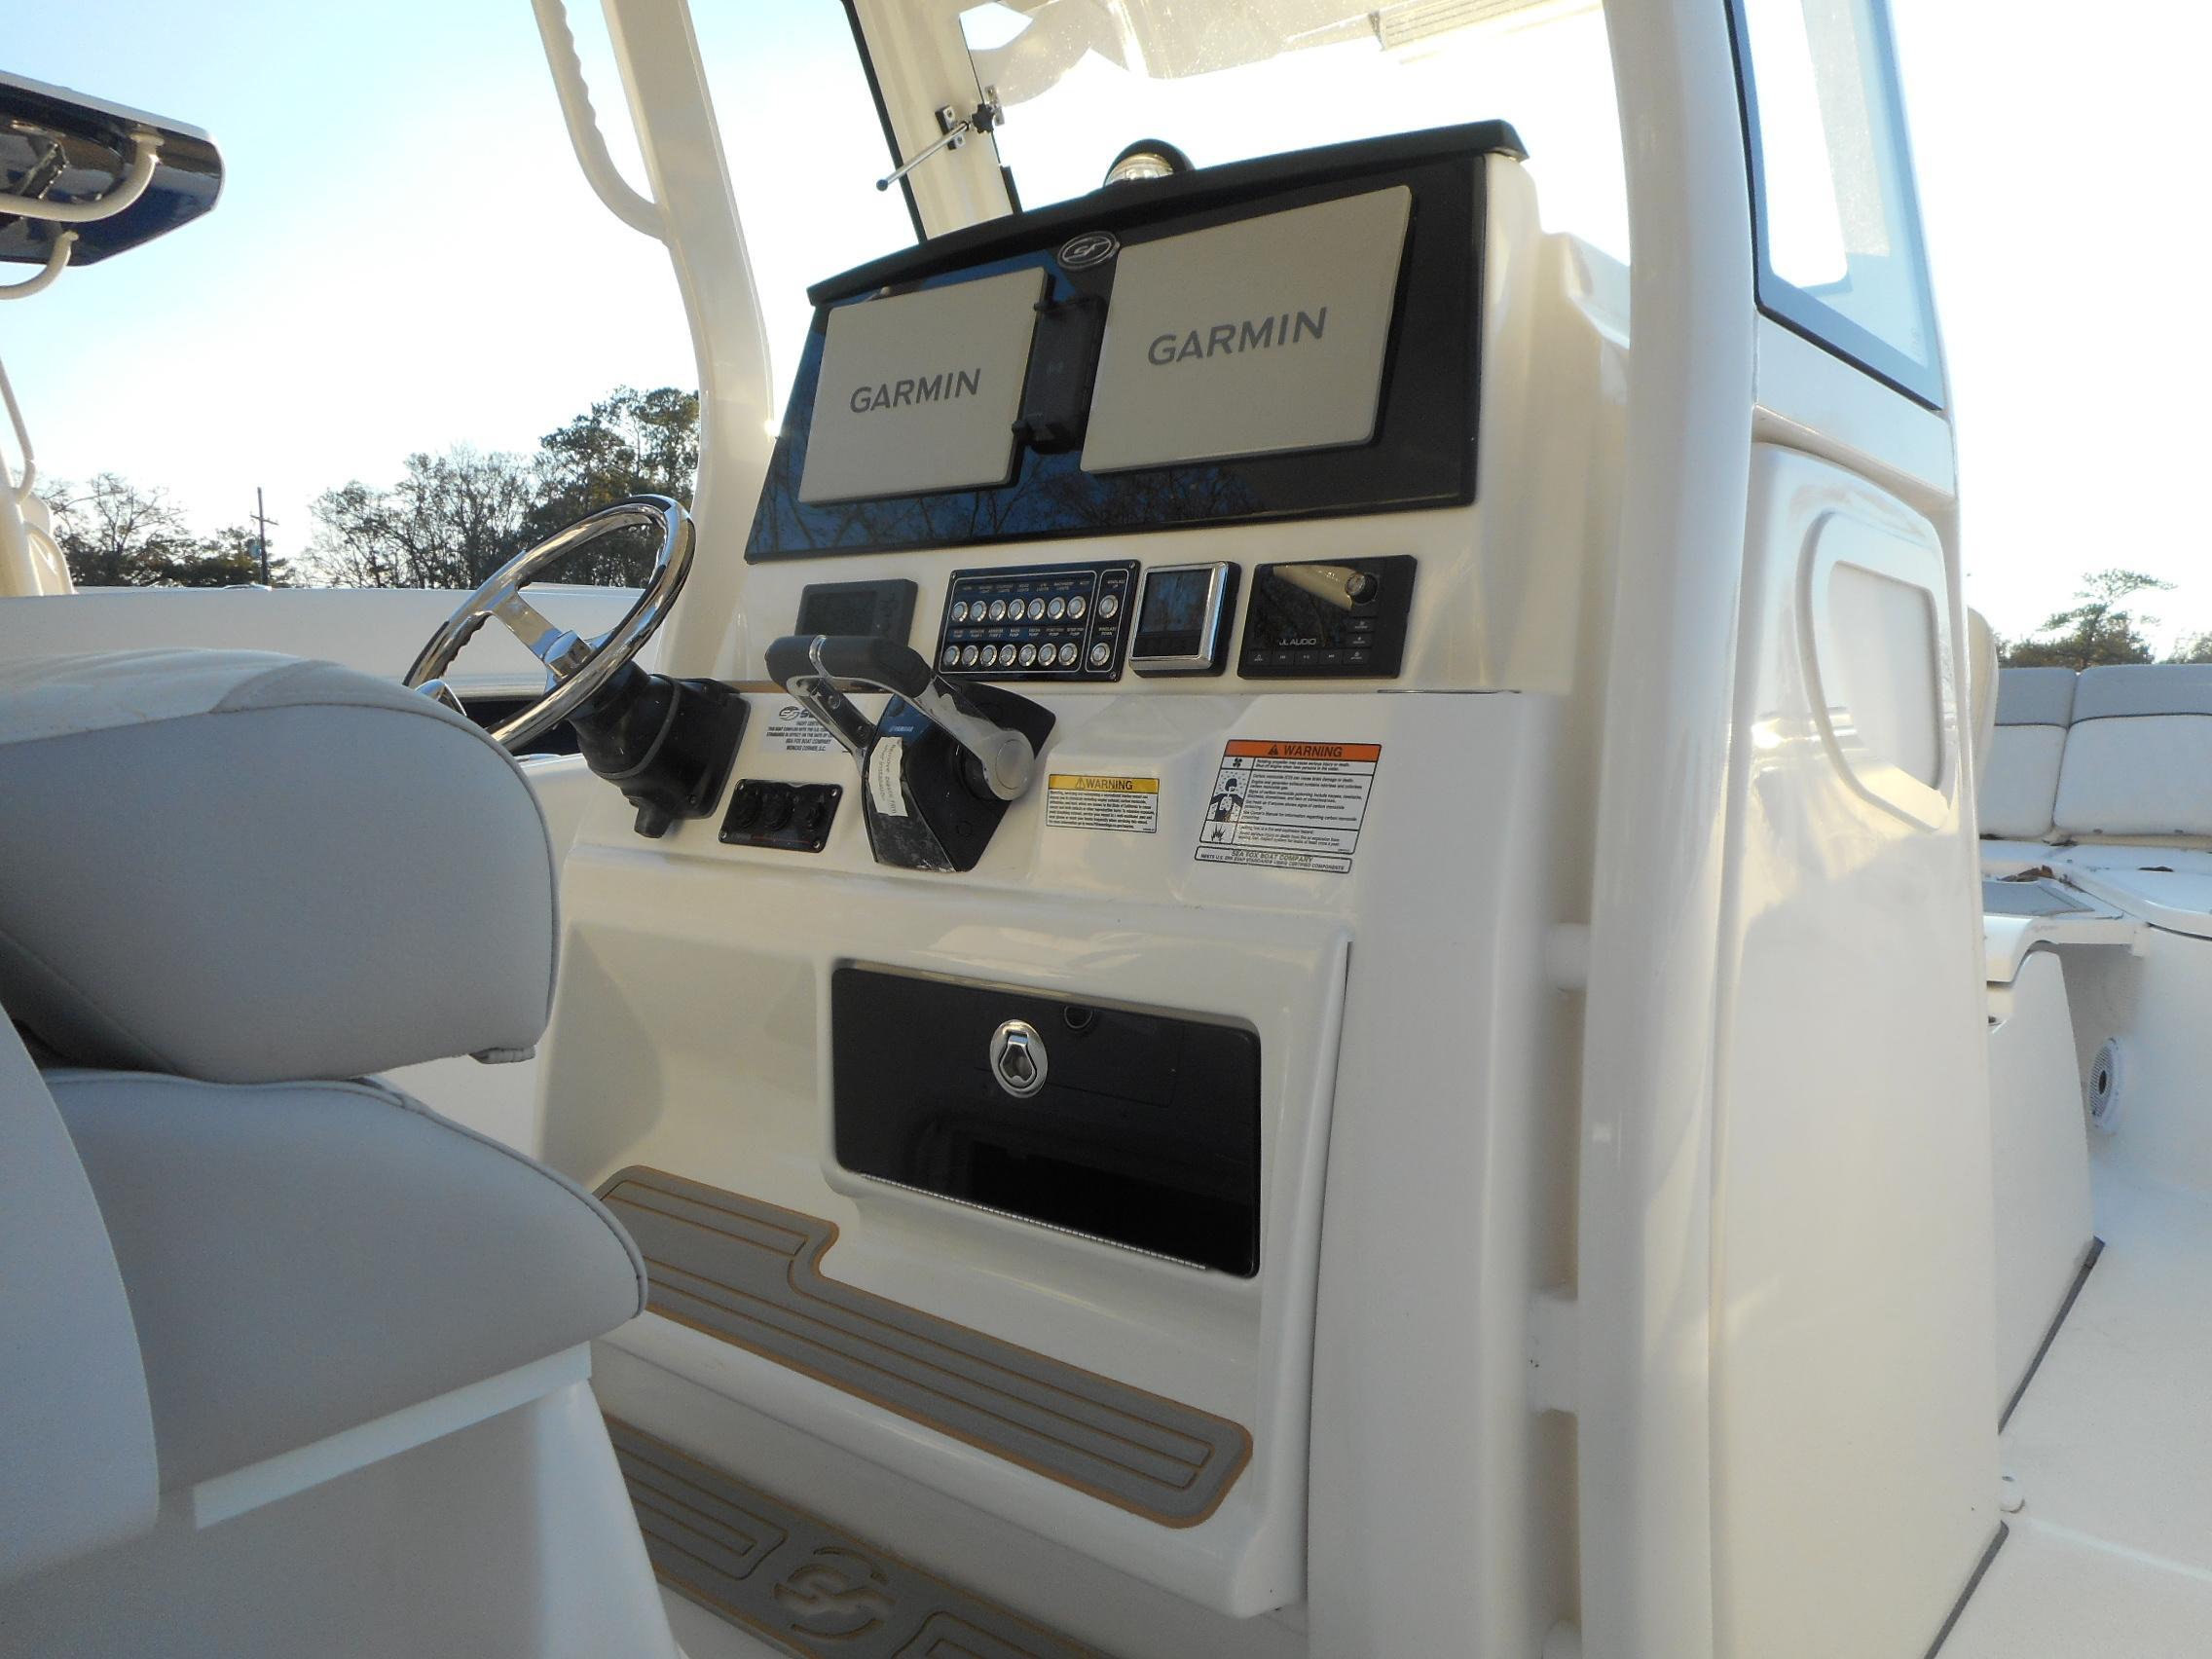 New  2022 28' Sea Fox 288 Commander Center Console in Slidell, Louisiana